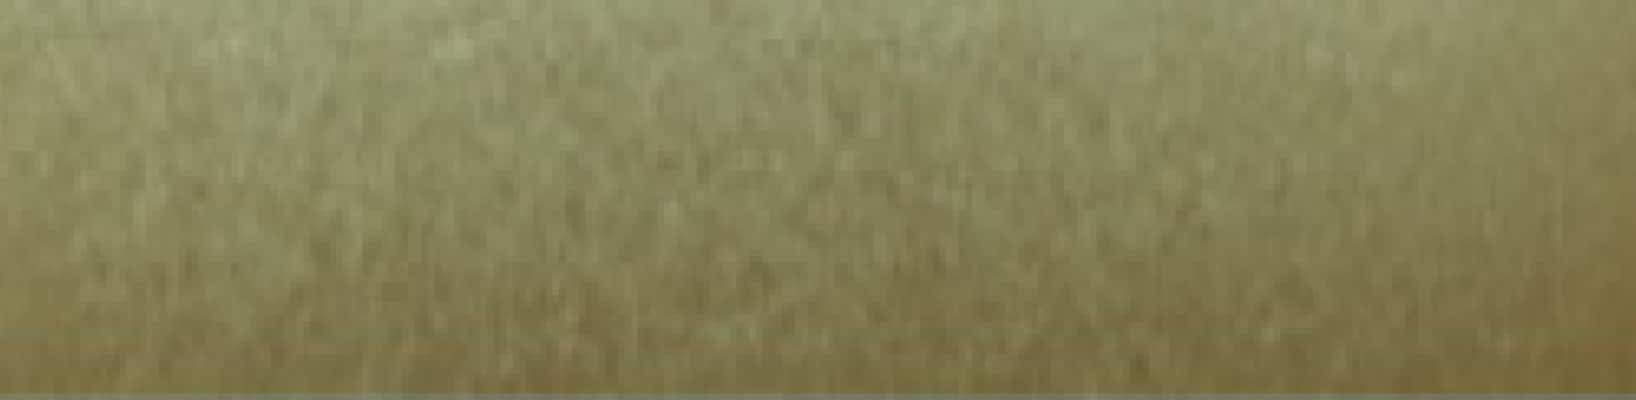 Złoty metalic Nr koloru 199